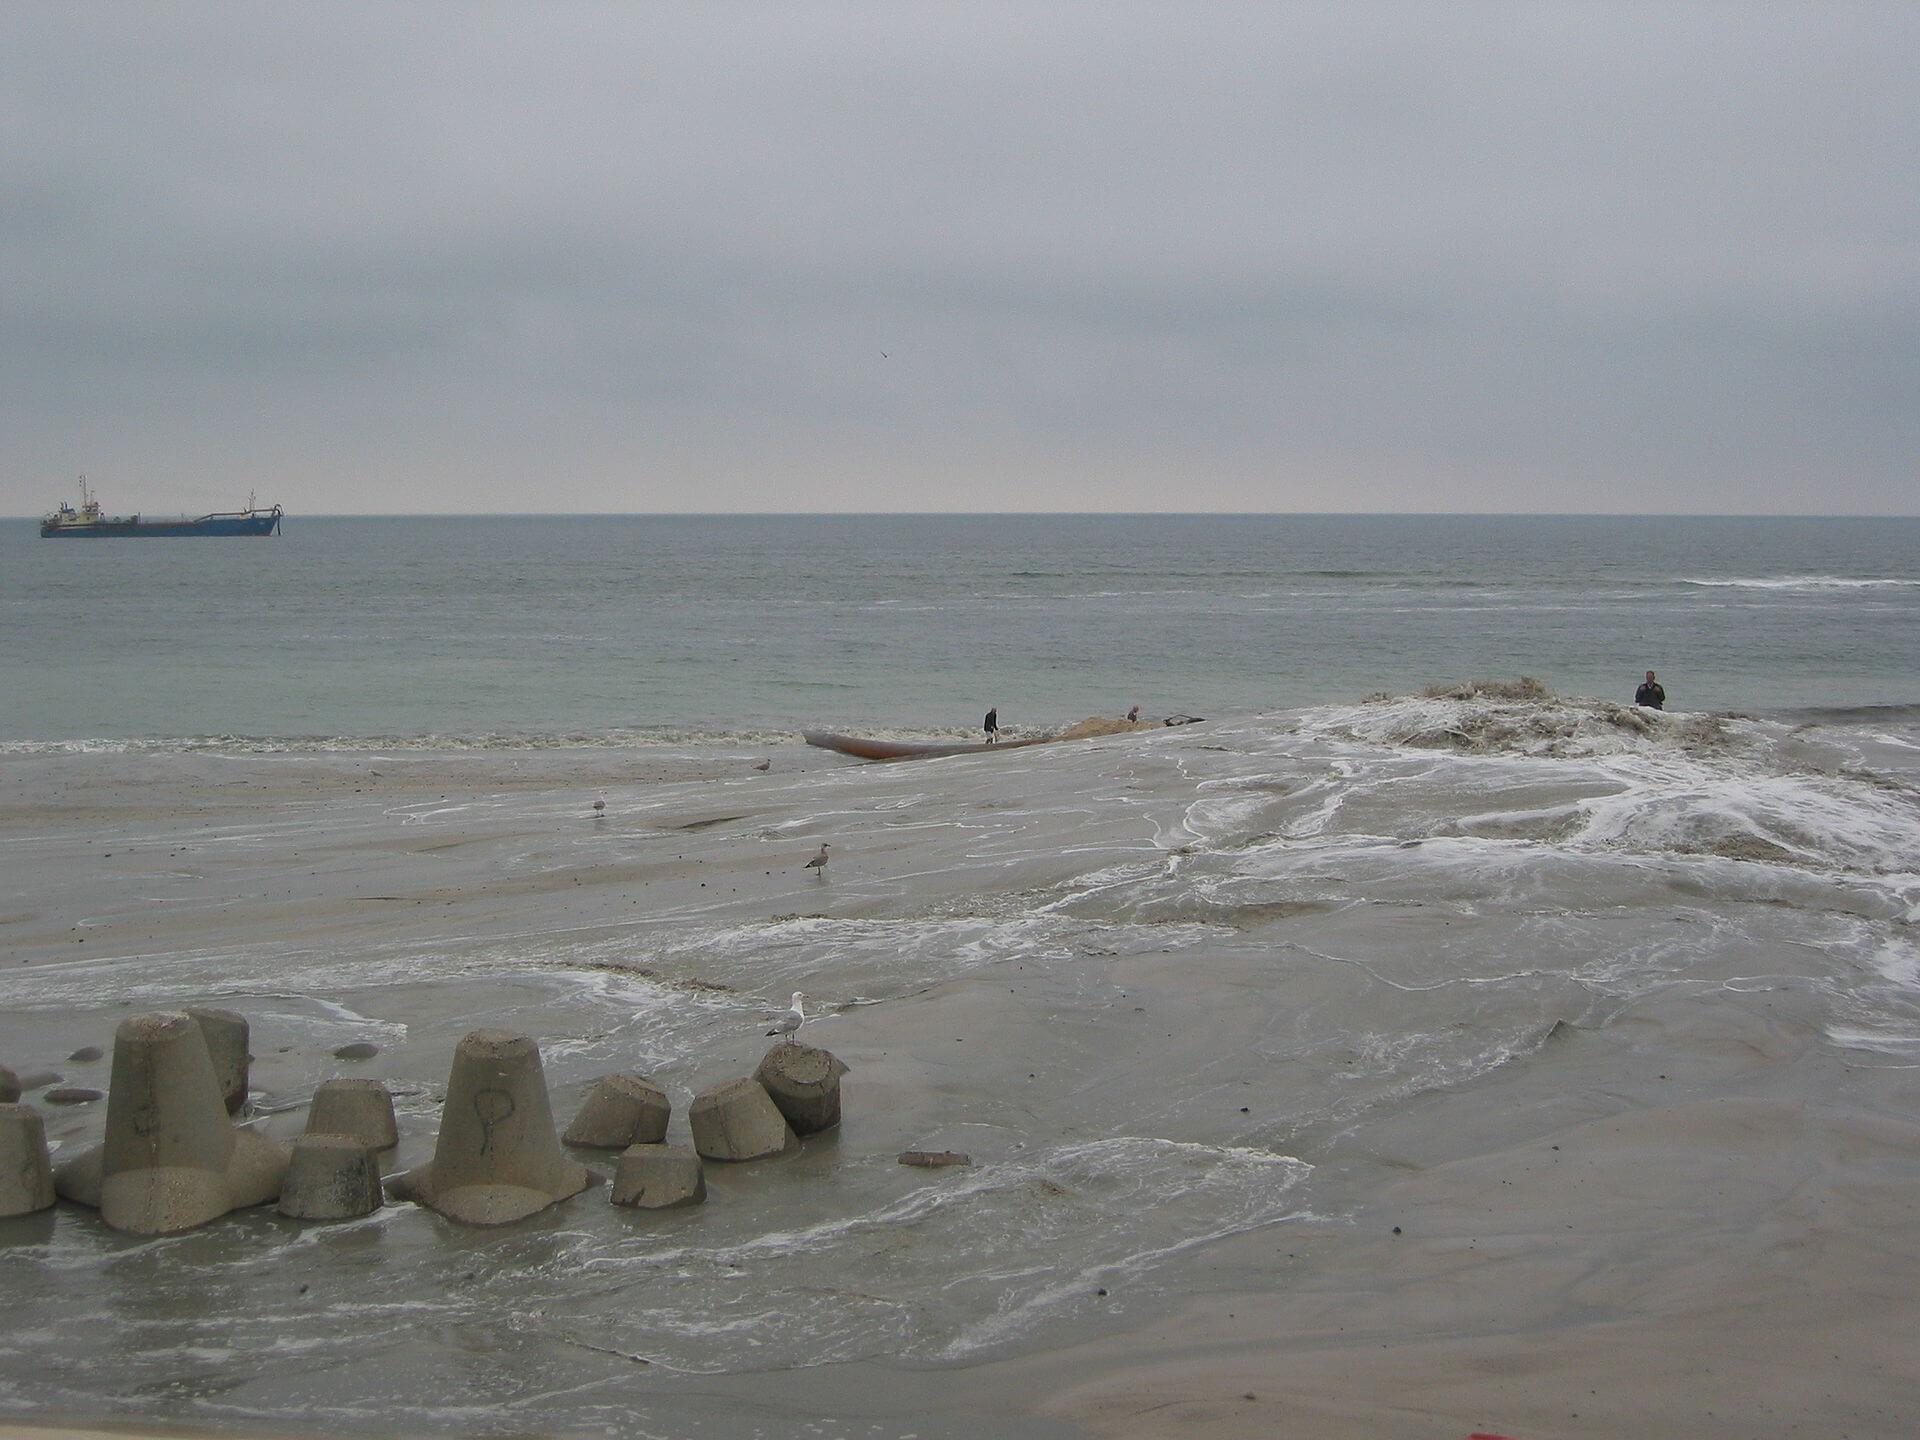 Tetrapoden am Strand von Westerland (Foto: Wikipedia/Magnus Manske)